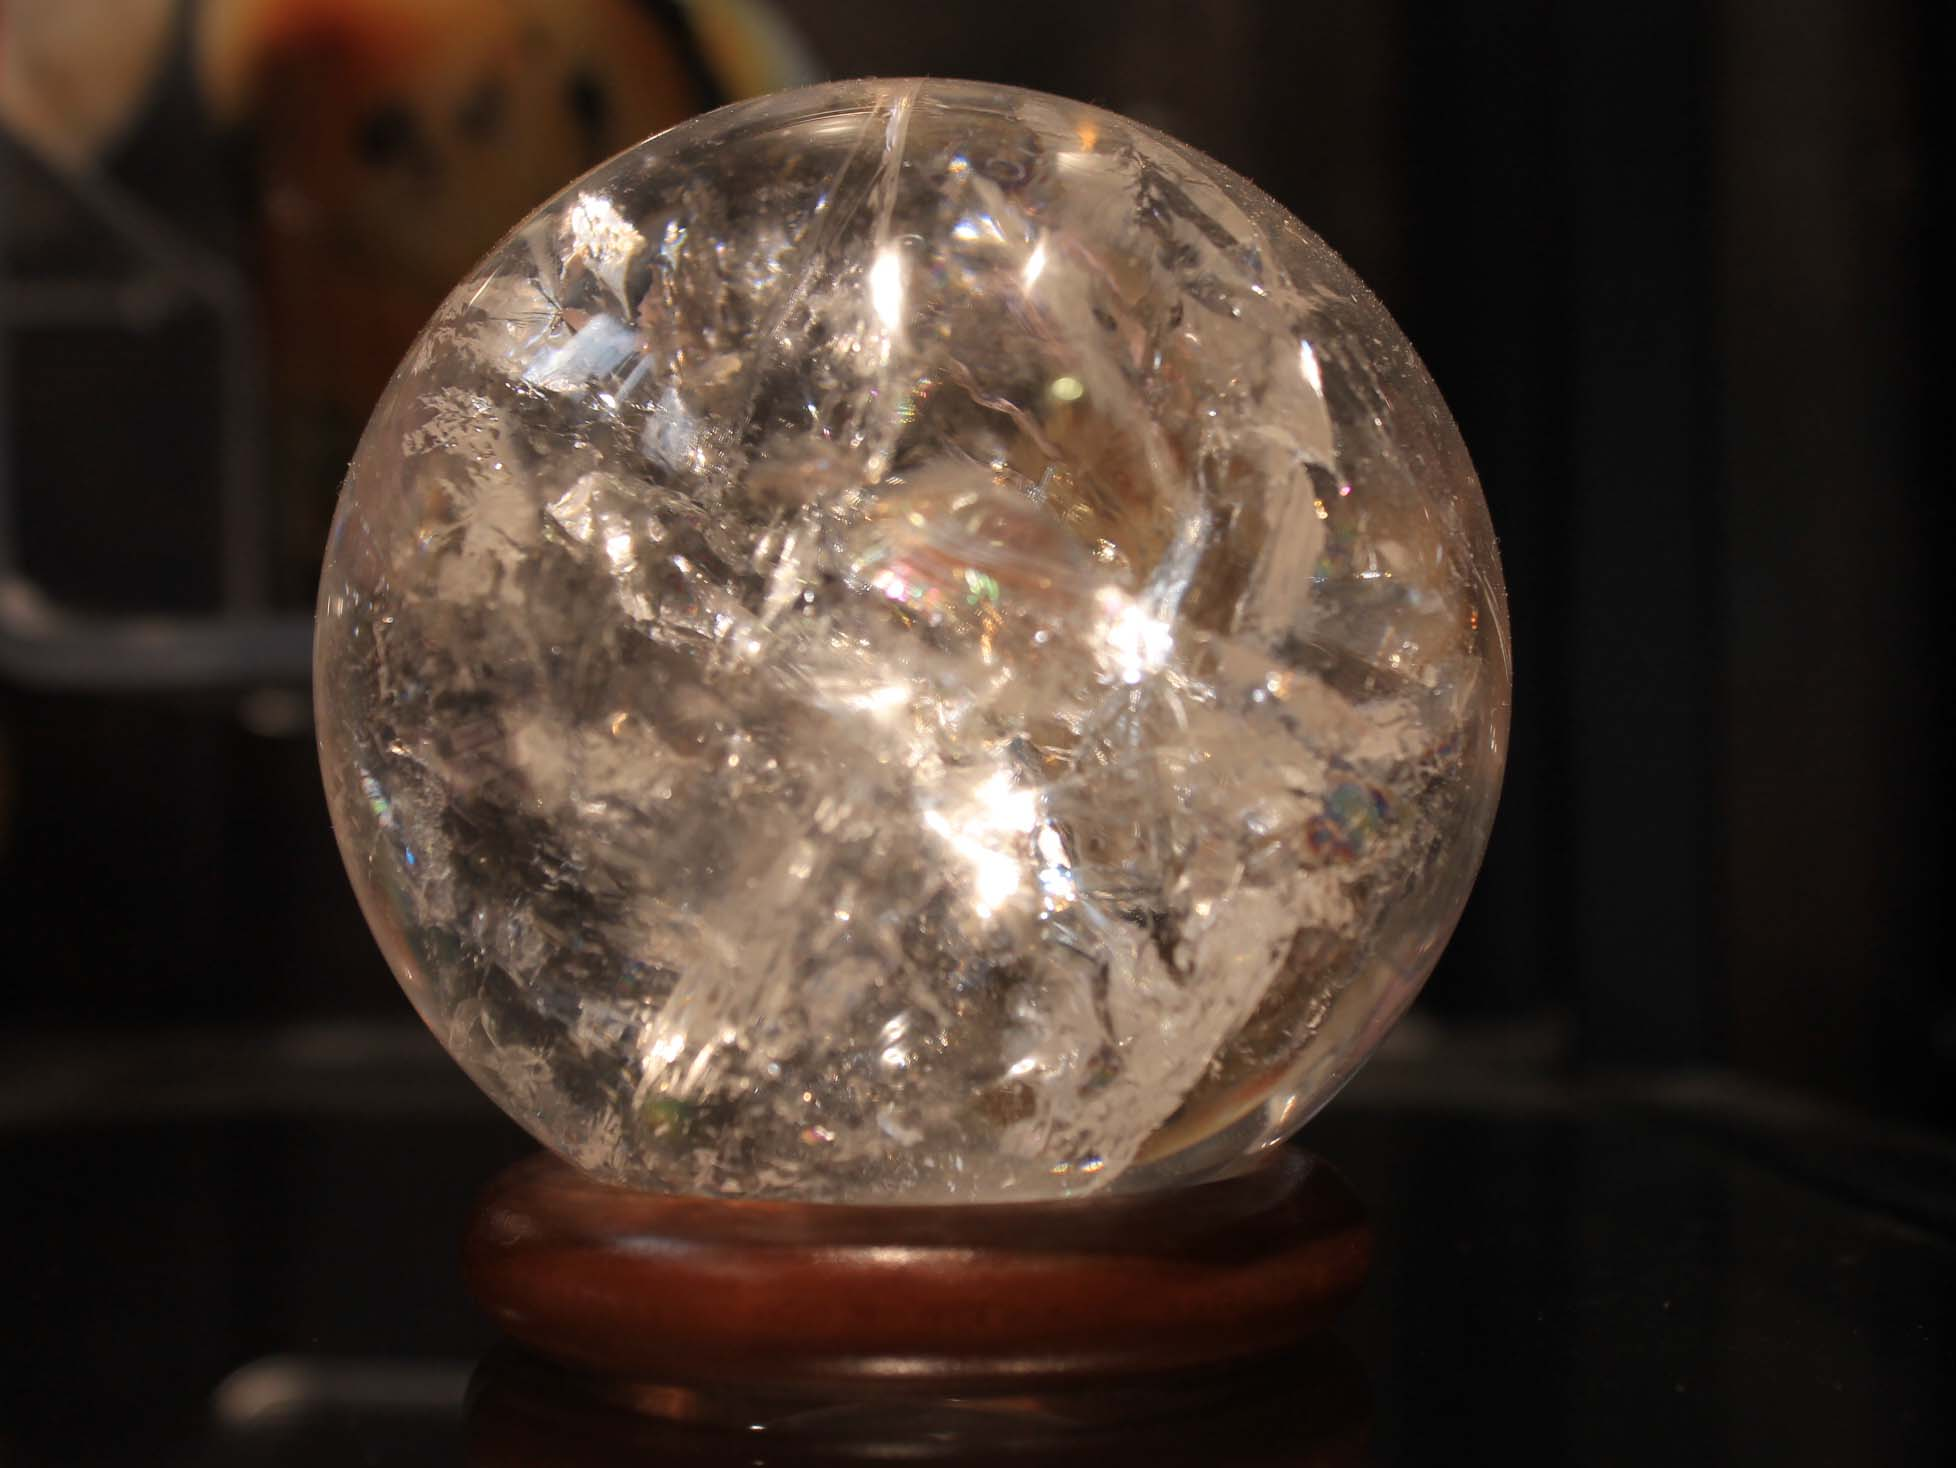 sphère cristal de roche